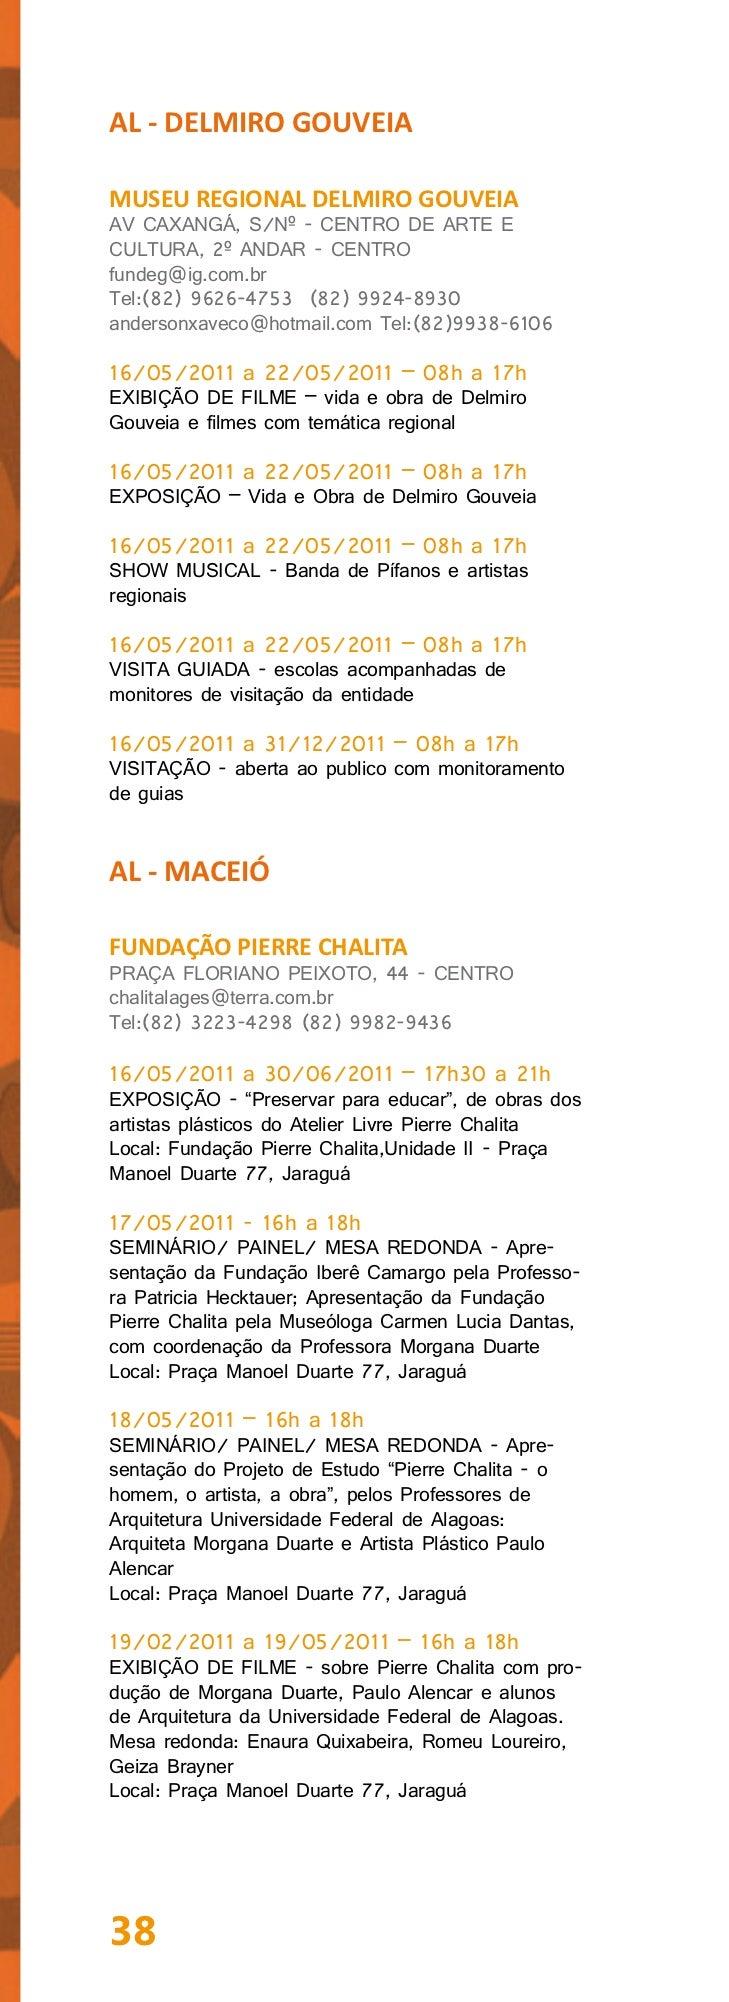 20/05/2011 - 08h30 a 17h30VISITA GUIADA - Visitação de estudantes e leituravisual das obrasLocal: Praça Manoel Duarte 77, ...